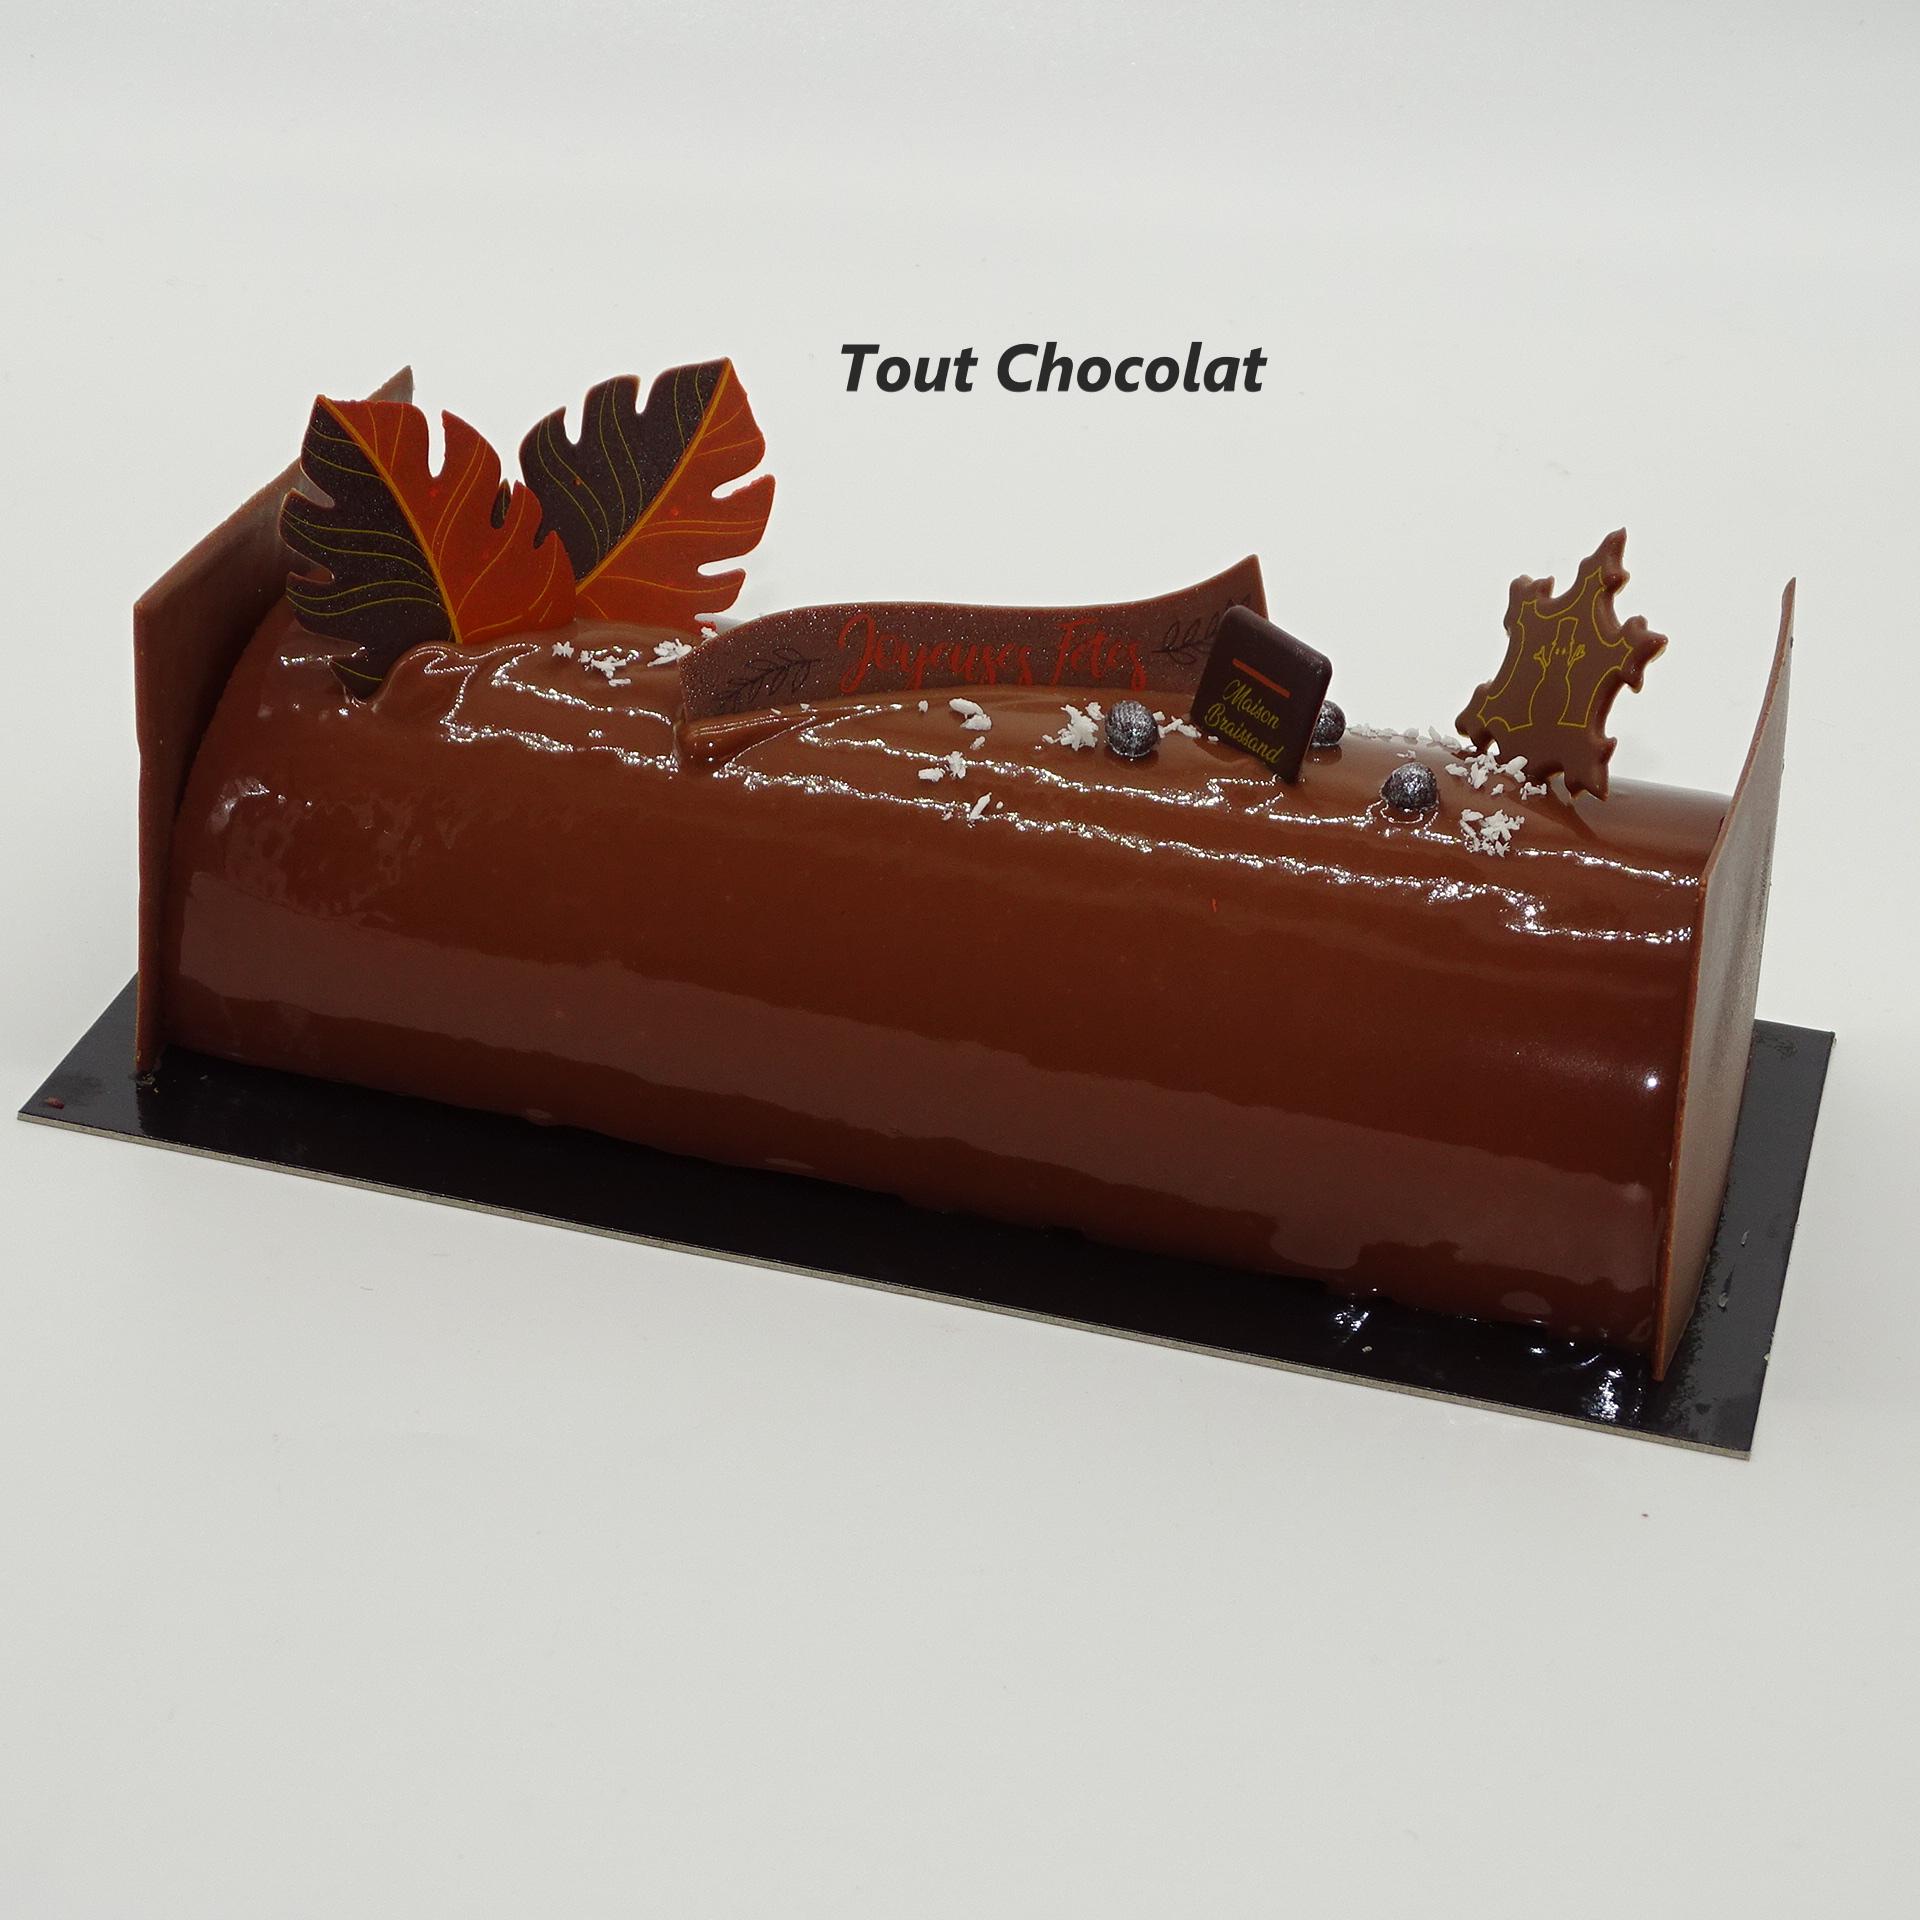 Buche Tout-Chocolat